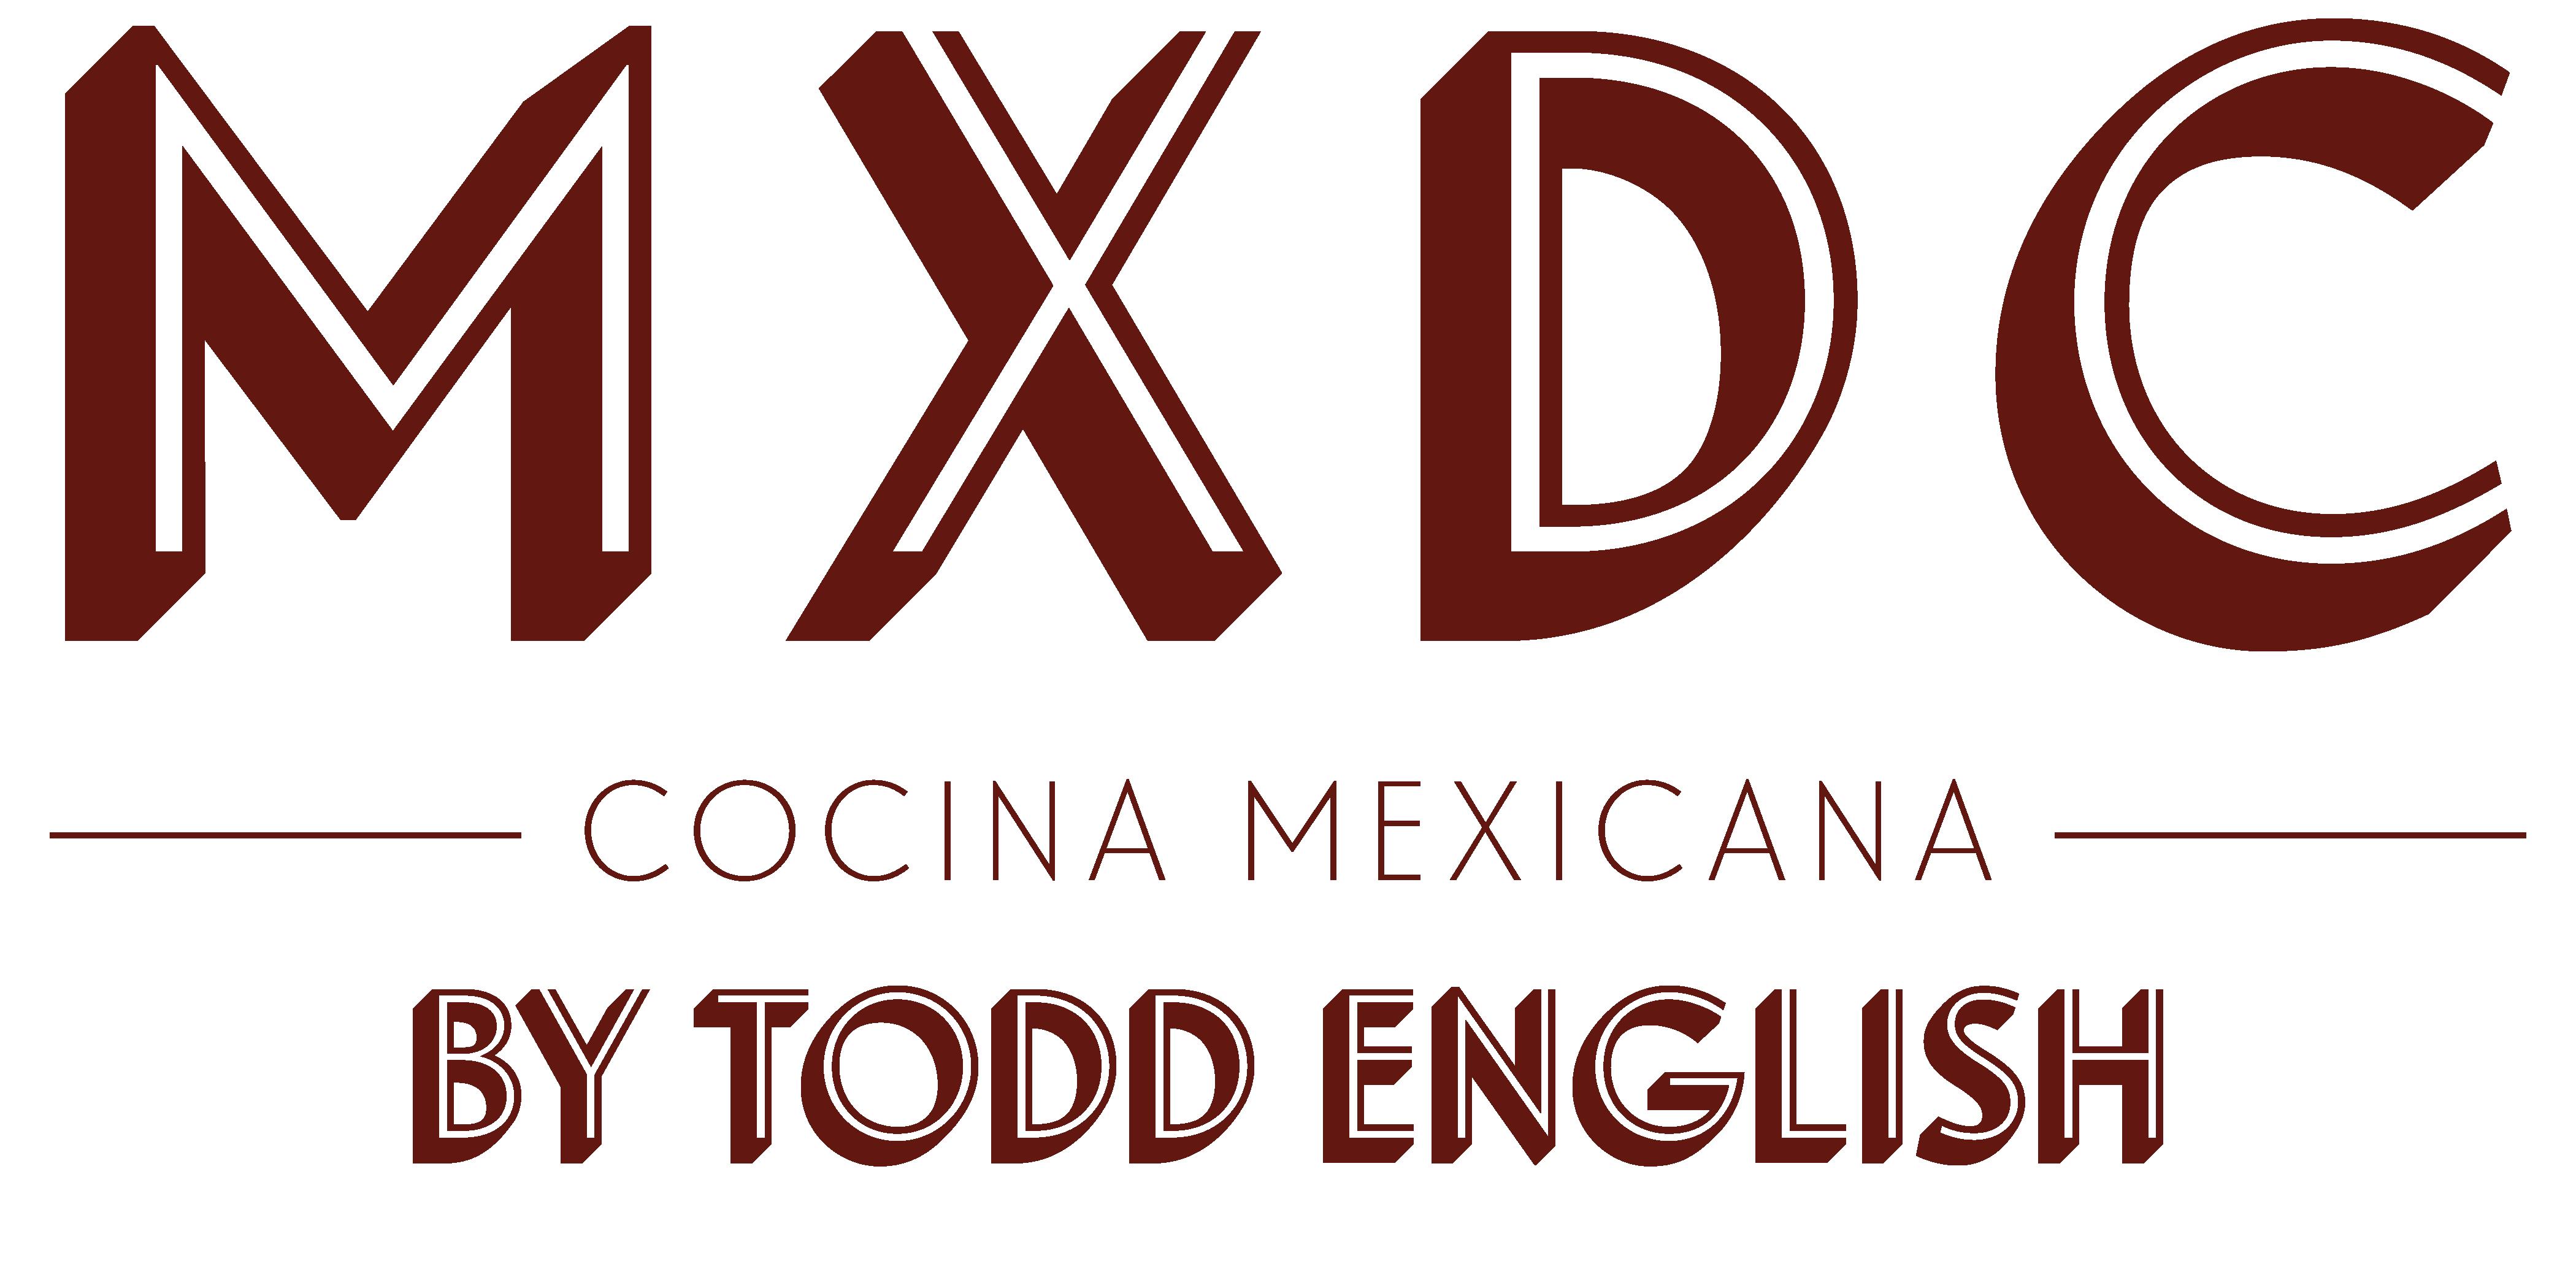 MXDC Logo